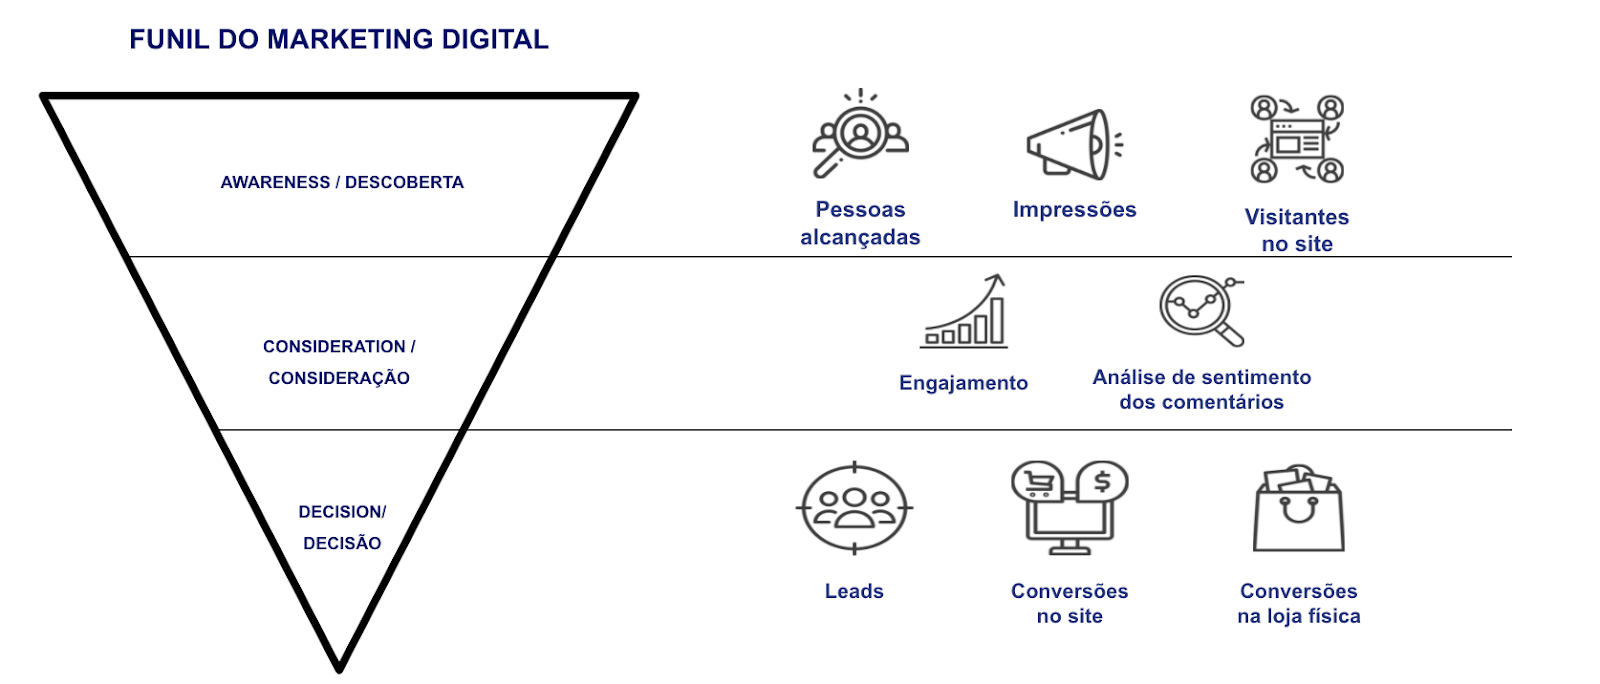 MARKETING DE INFLUÊNCIA - FUNIL DO MARKETING DIGITAL